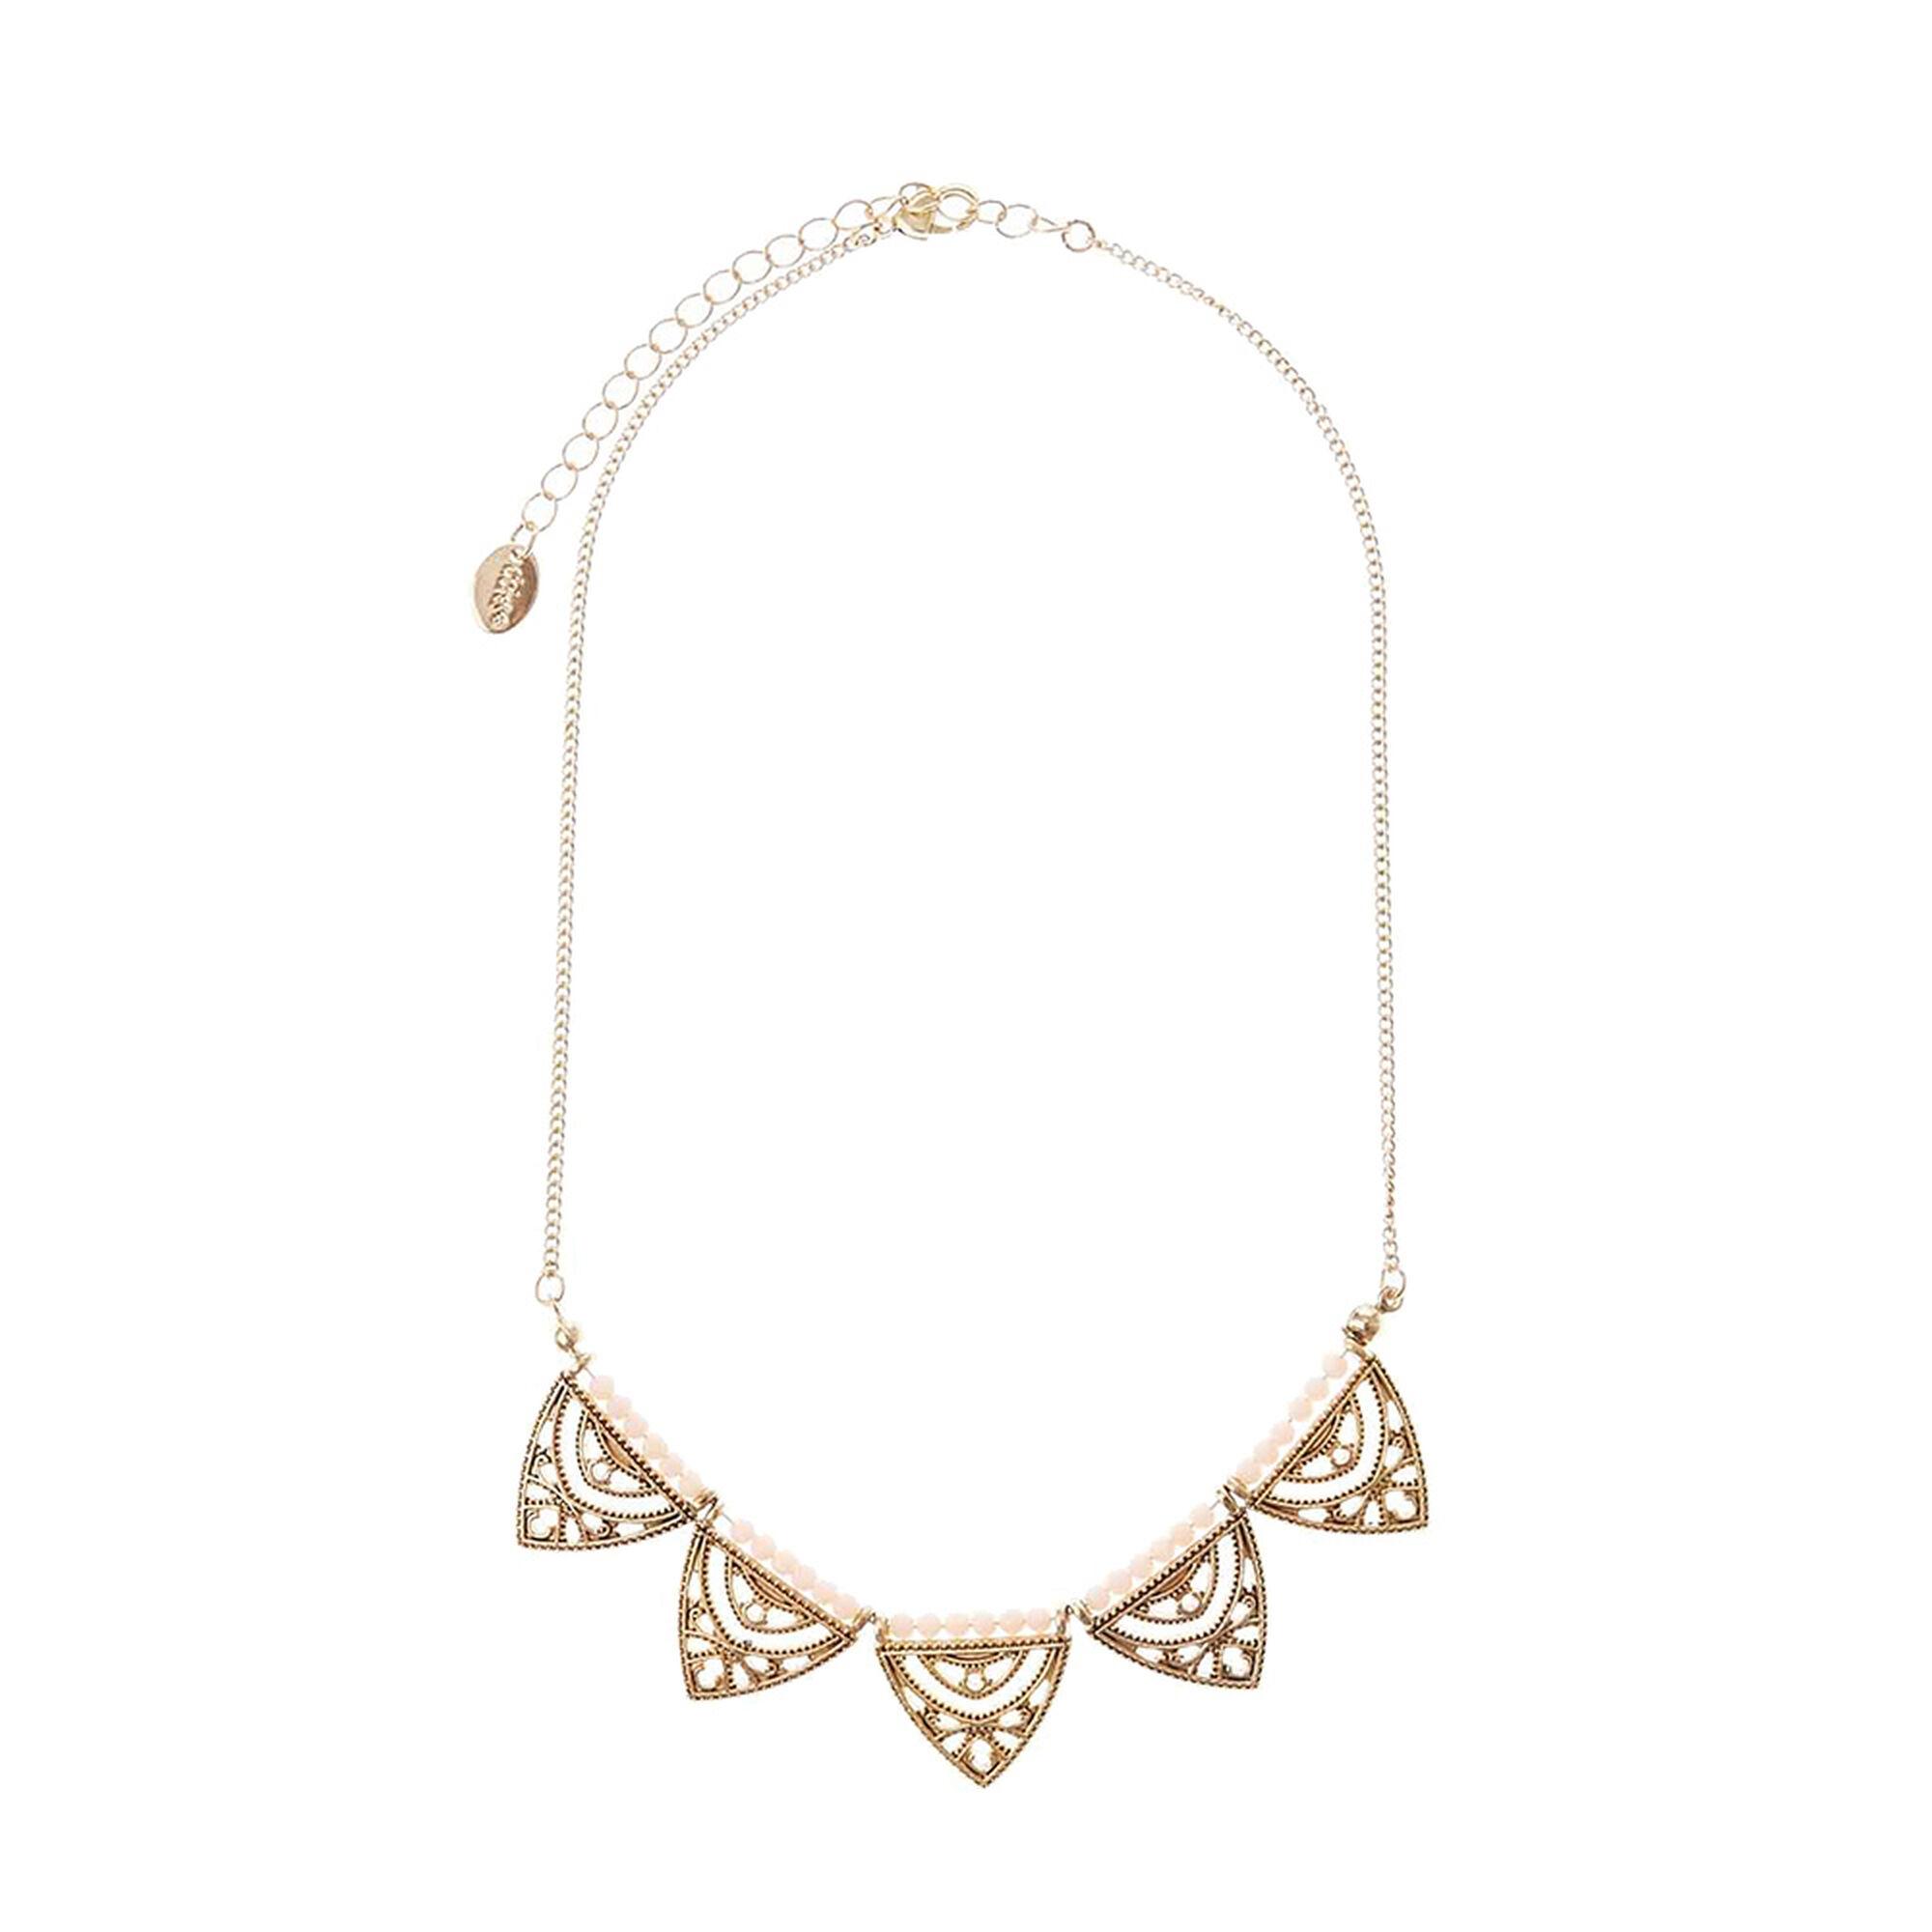 Suivez la voie de la mode avec ce bijou en collier long du créateur Zag Bijoux. Ce sautoir doré léger est agréable à porter et son motif pendentif s'inspire des tendances modernes! Il se compose en une fine chaîne qui découle jusqu'en un pendentif flèche gravé.